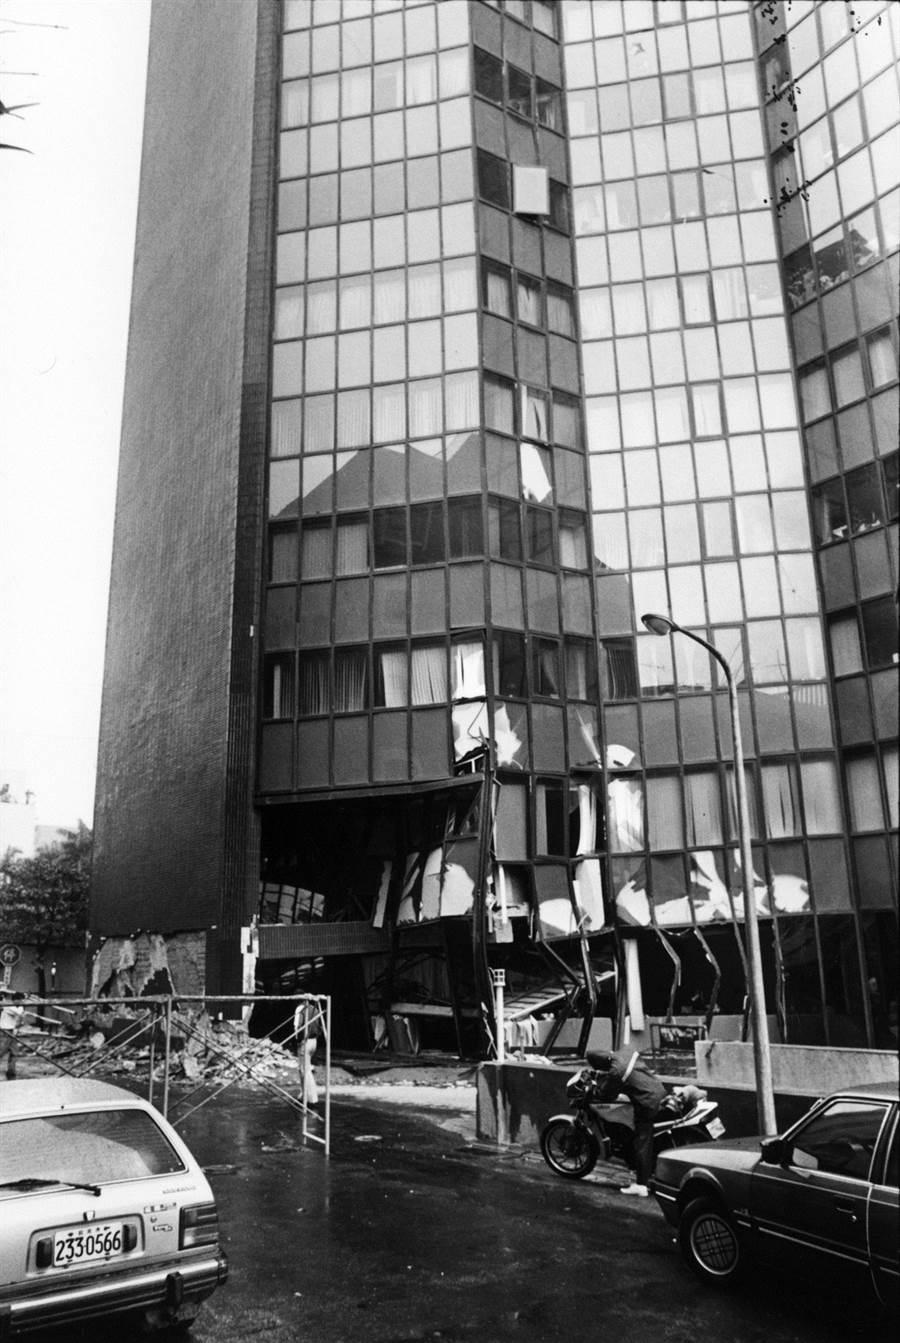 圖為1986年花蓮強震,造成台北的裕台大樓傾斜,該大樓一樓的台北市中小企業銀行門口損毀。(中時報系資料照片)